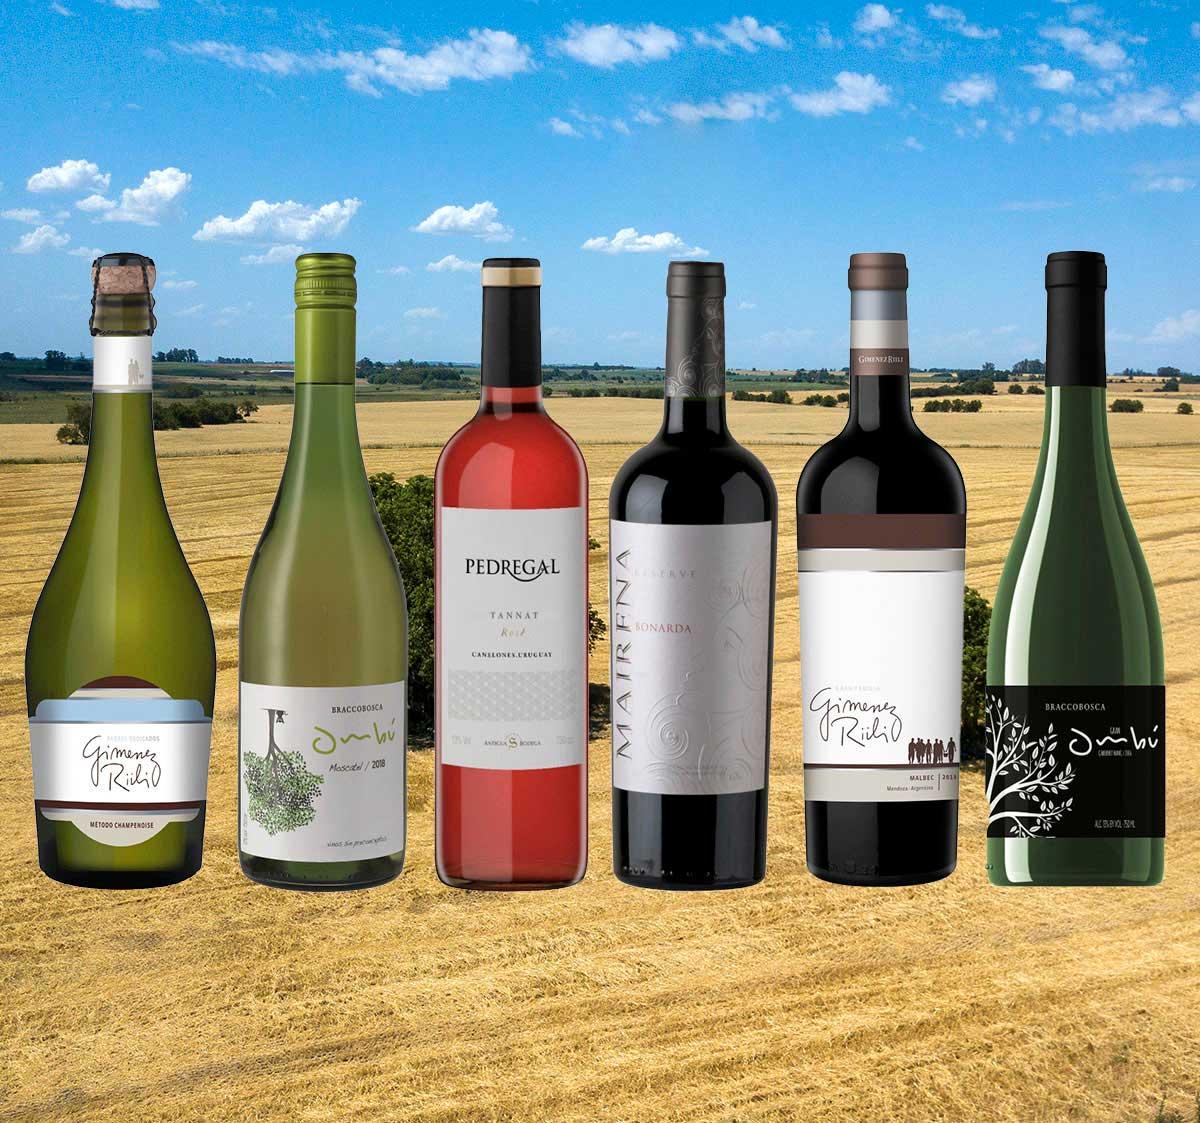 Probierpaket 17 Eine luxuriöse Auswahl großer Weine aus Argentinien und Uruguay